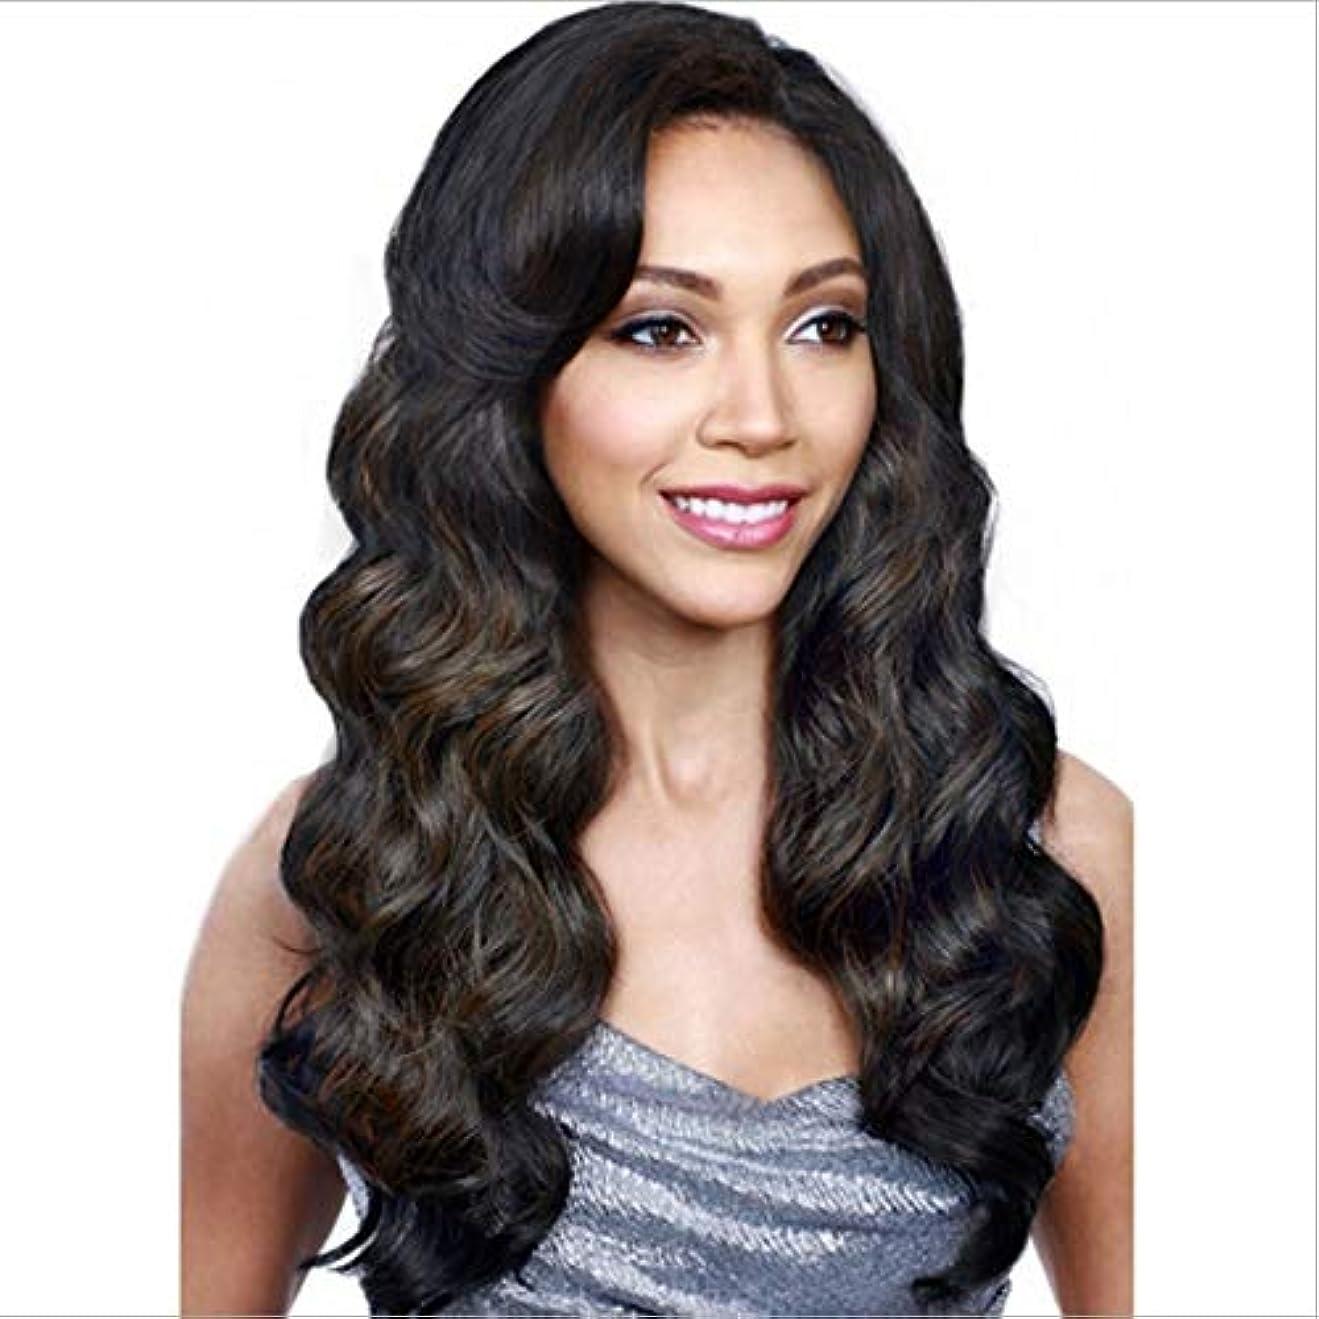 砂漠ピアロッドSummerys 女性のための長い巻き毛の層状の耐熱性合成毛髪のかつらを分けてヘアセンターで合成女性のかつら